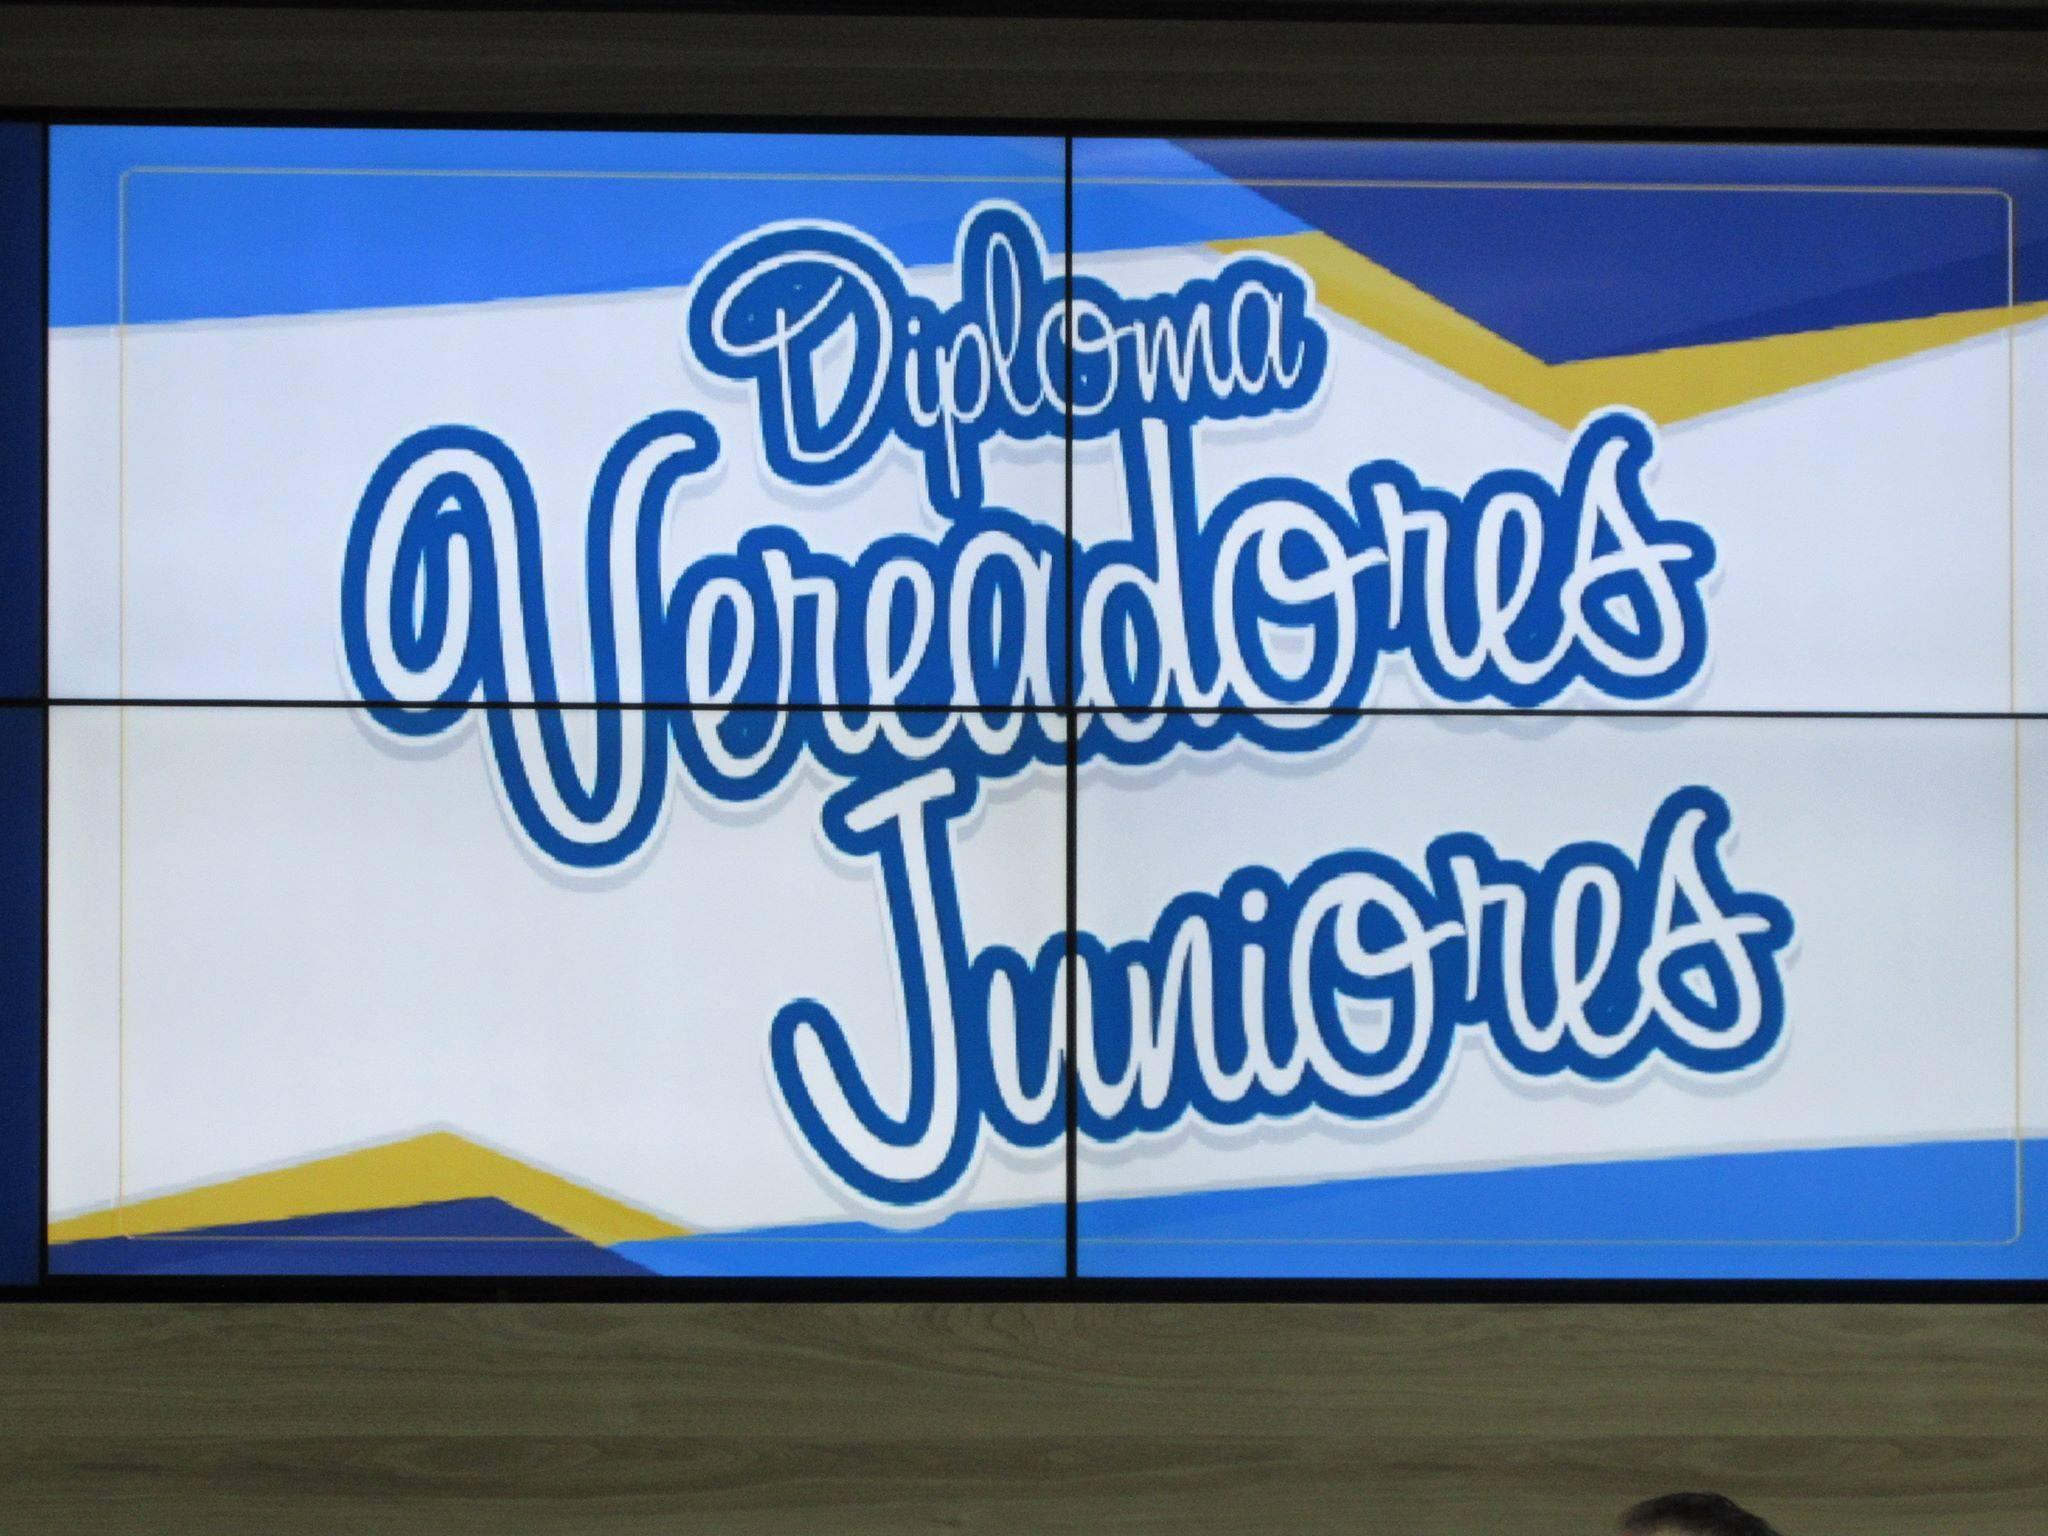 Vereador Junior 2019